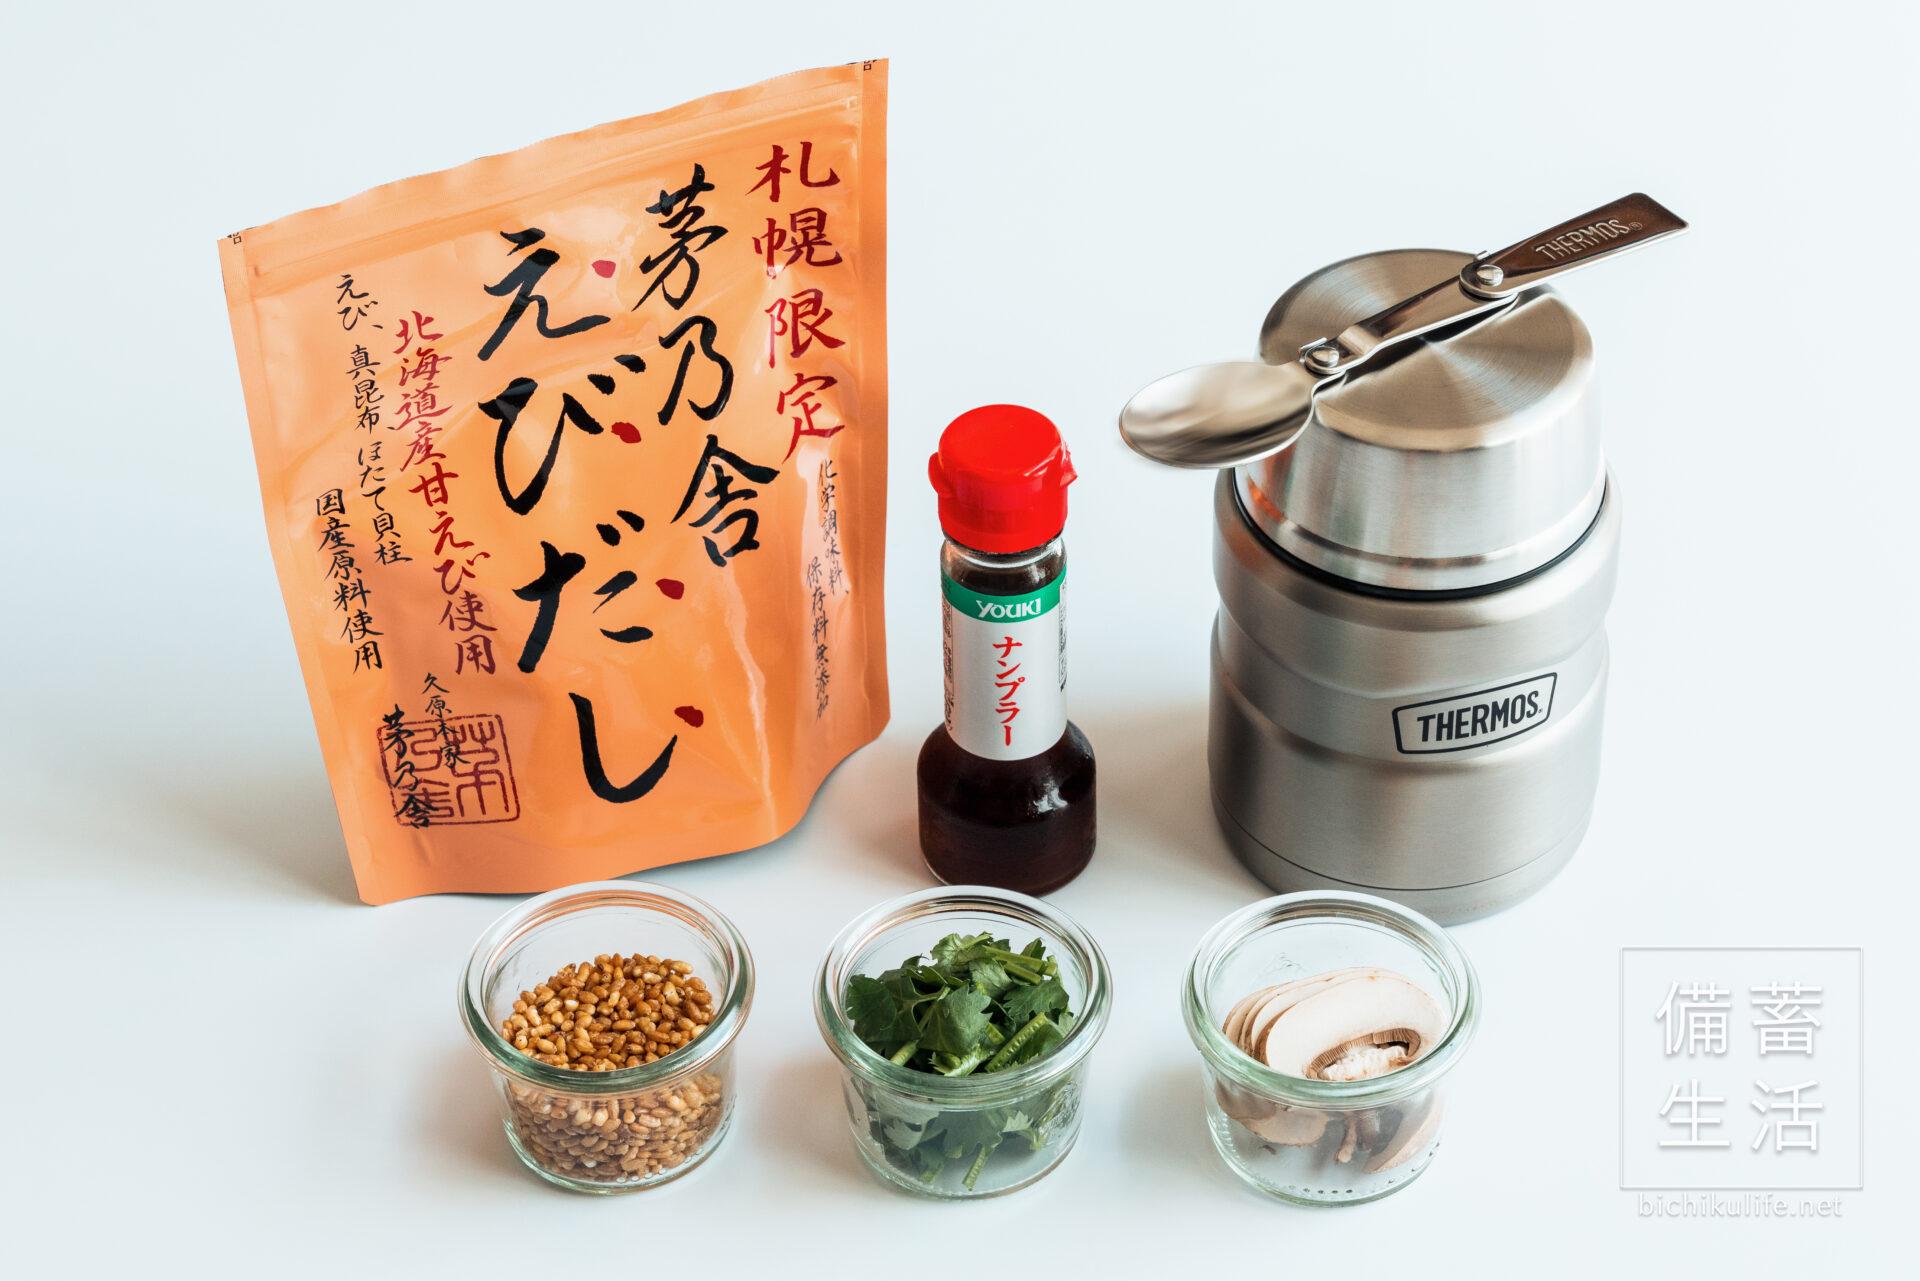 【タイ風】炒り玄米スープごはんの作り方・レシピ、材料